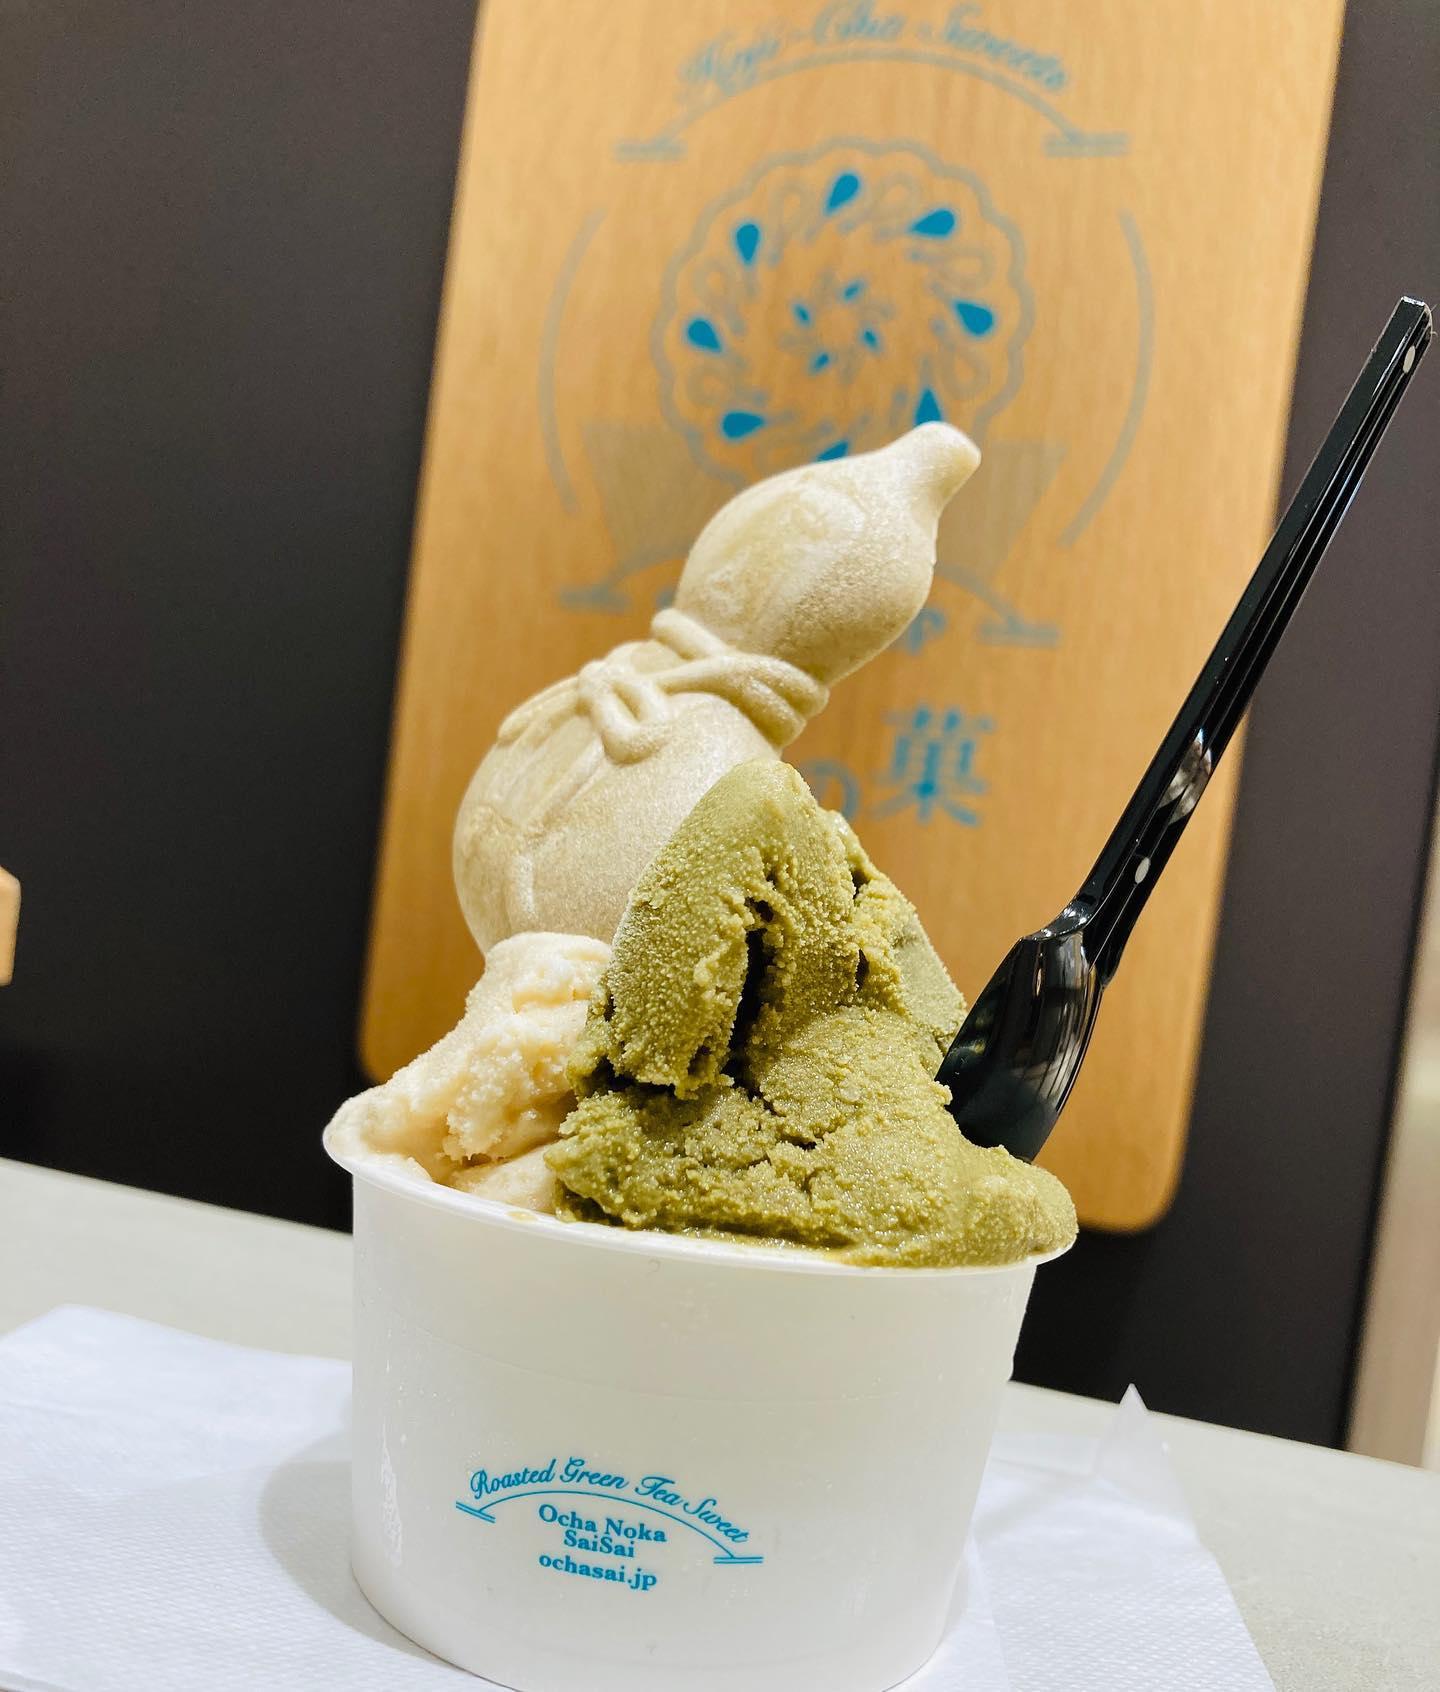 ..神戸マルイ定休日のおしらせ.いつもありがとうございますお茶の菓さいさい神戸マルイ店です!..明日、8/19(水)は神戸マルイ定休日でございます。お間違えのない様、お気をつけ下さいませ♀️..本日は20:00まで営業しております.皆様のご来店、お待ちしております️..#お茶#ほうじ茶#ほうじ茶スイーツ#ほうじ茶ジェラート#ジェラート#ほうじ茶好き#ほうじ茶専門店